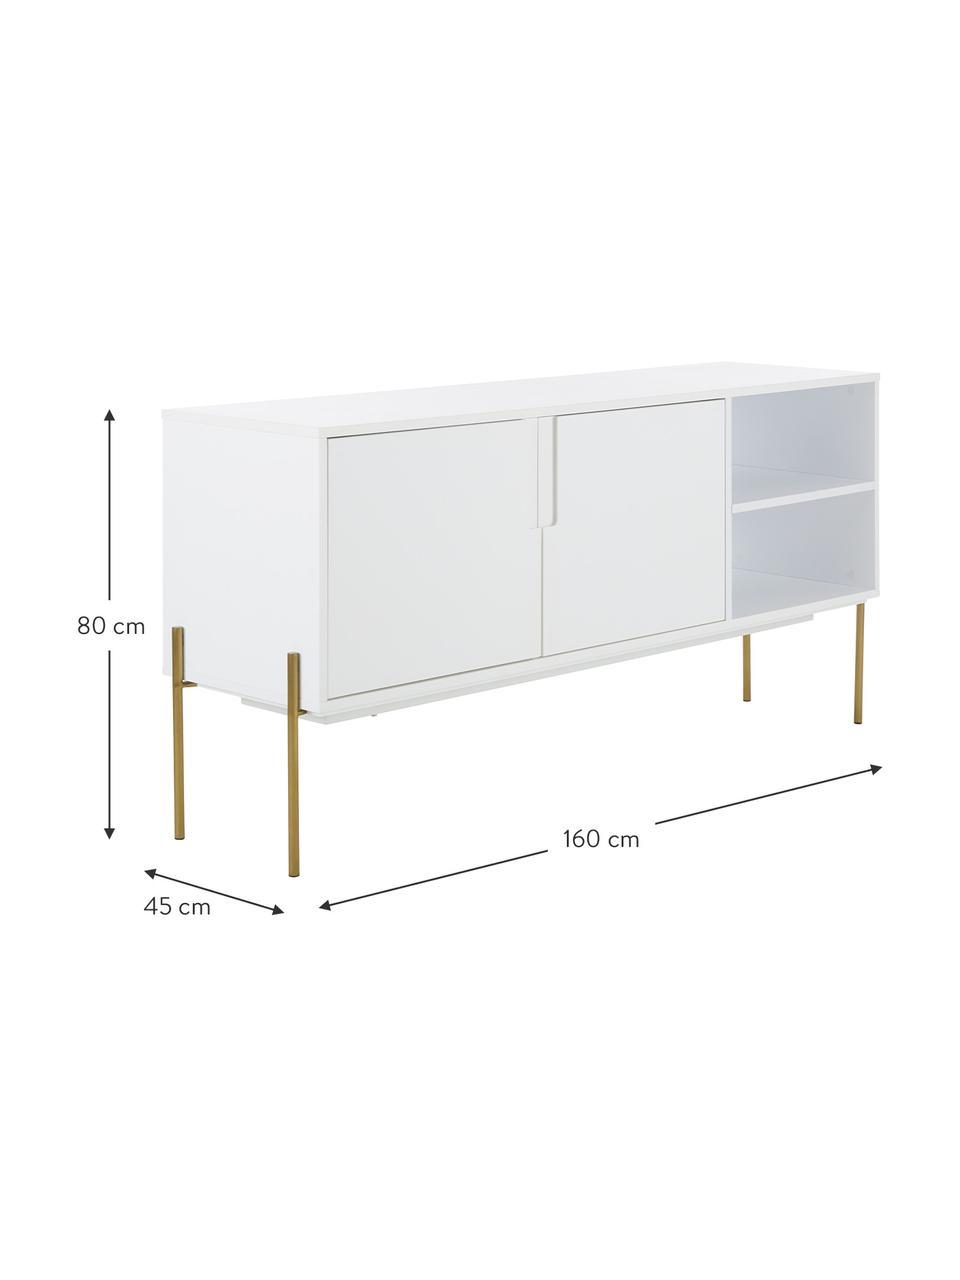 Sideboard Jesper mit Türen in Weiss, Korpus: Mitteldichte Holzfaserpla, Korpus: WeissFüsse: Goldfarben, glänzend, 160 x 80 cm